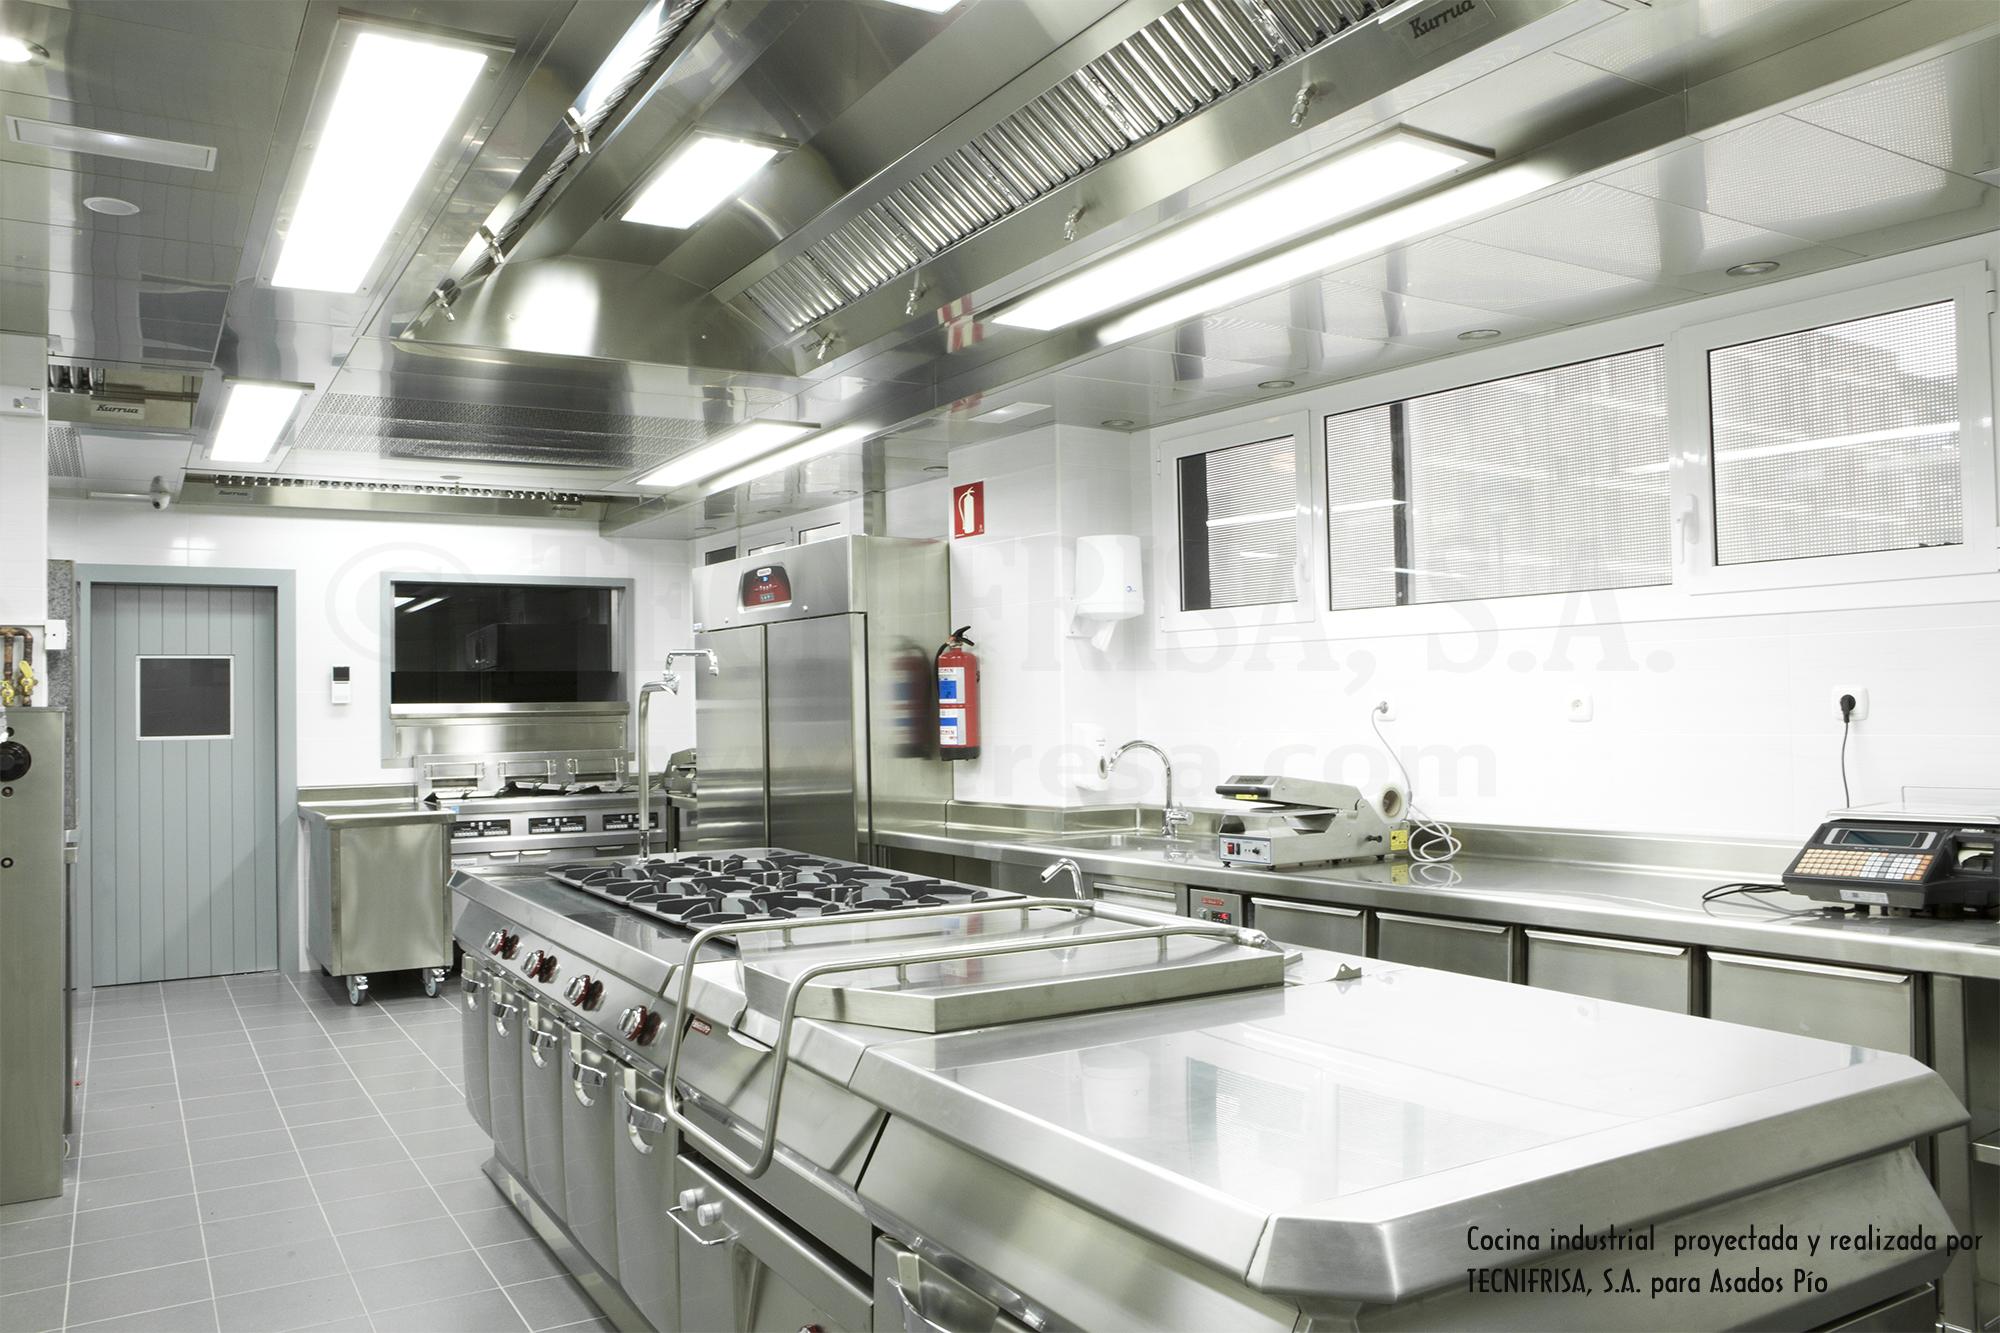 Tecnifrisa maquinaria de hosteler a y fr o indsutrial for Instalacion cocina industrial